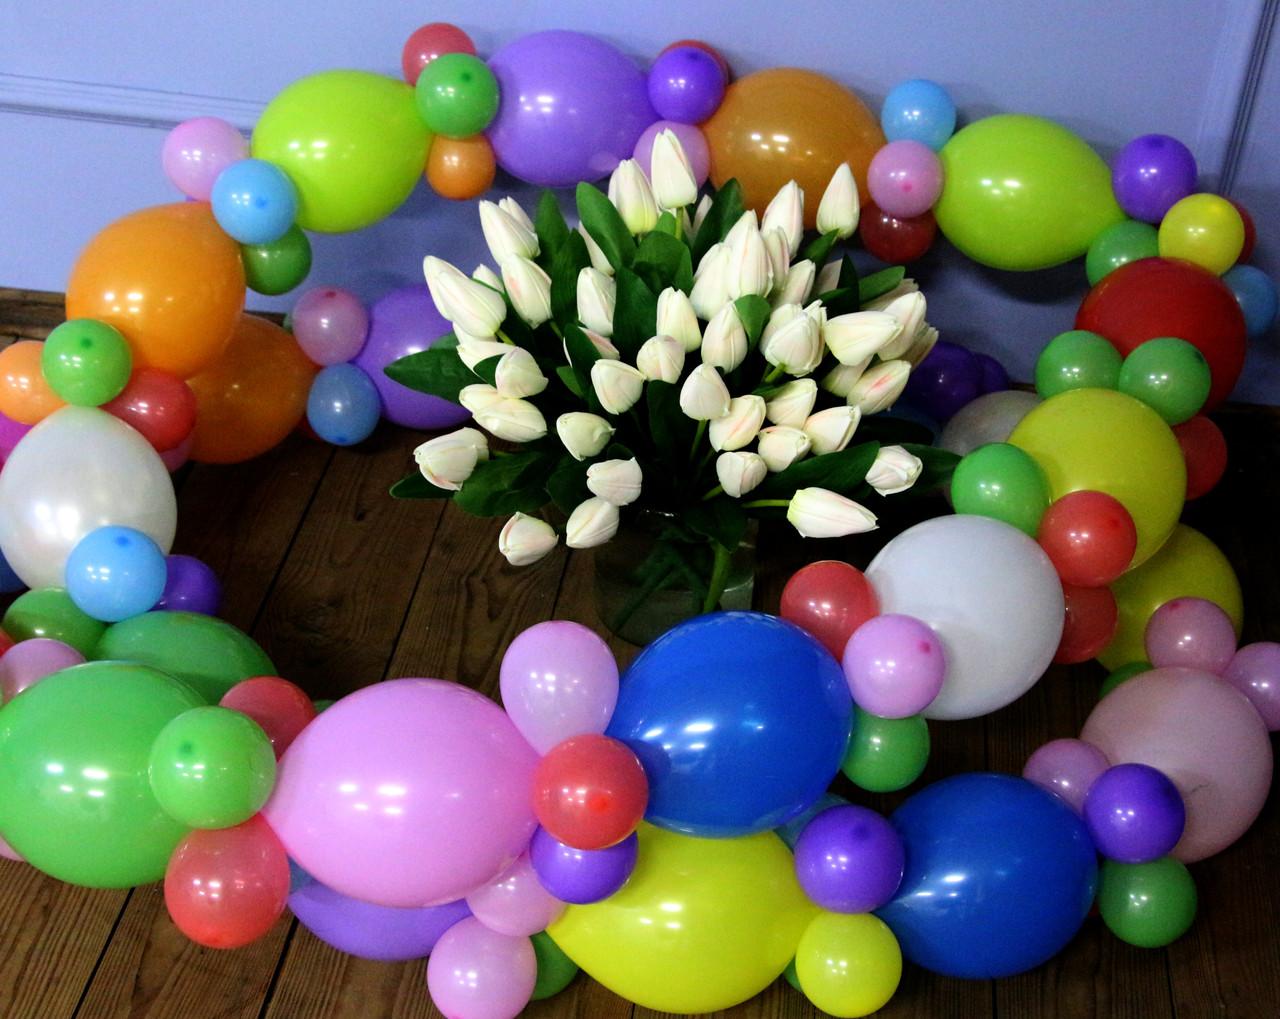 Гирлянда с воздушных шариков (радужная) /маленькие шарики/ Насос для воздушных шариков в комплекте